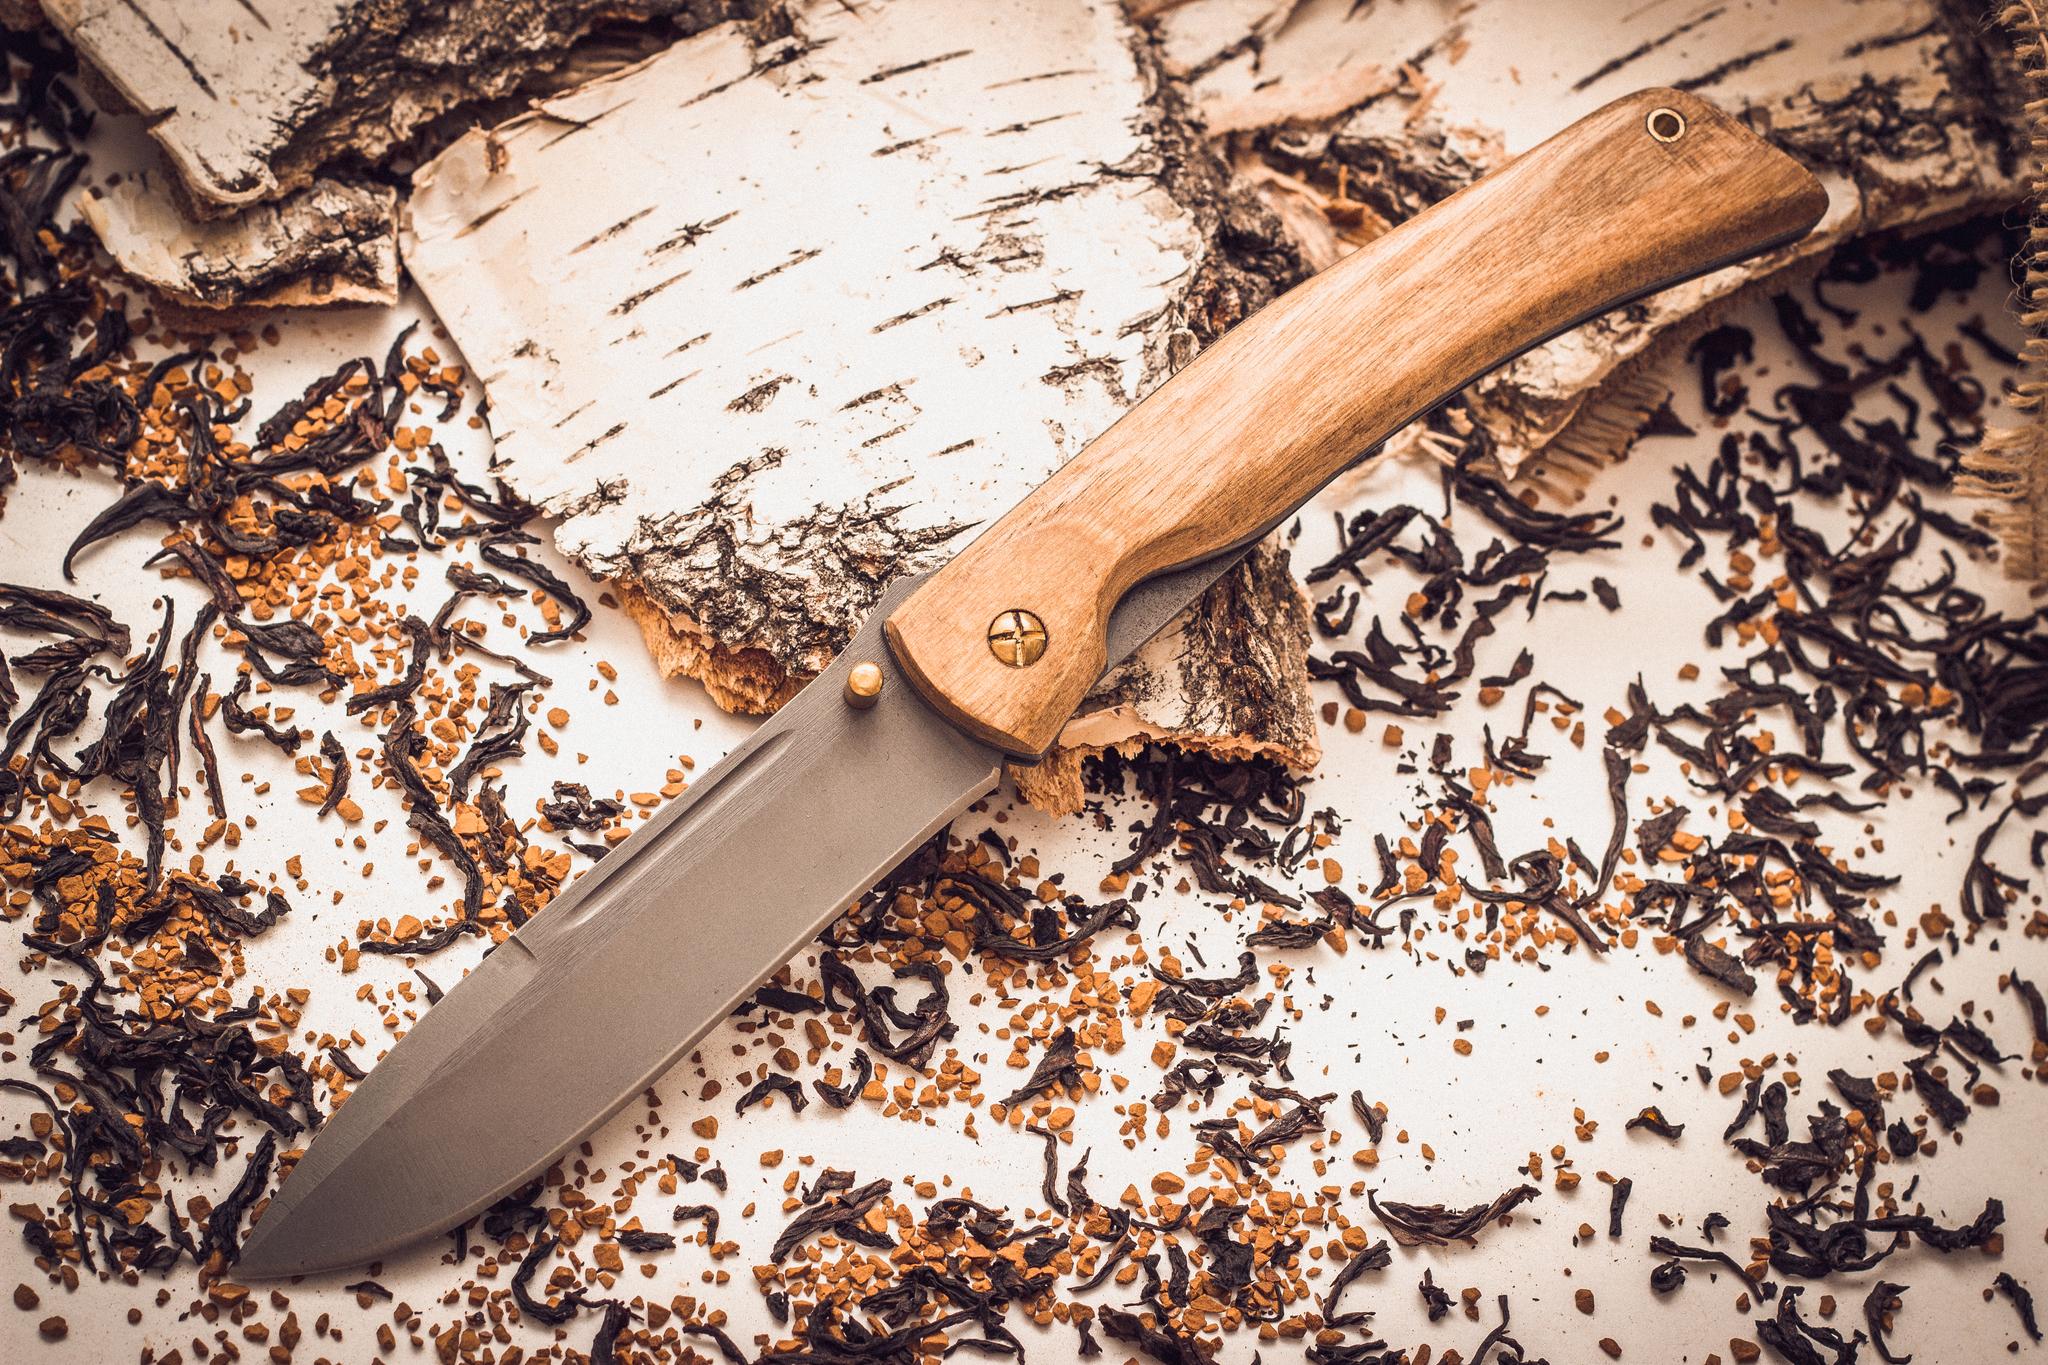 Складной нож Бродяга, сталь 95х18, орехРаскладные ножи<br>Нож «Бродяга» станет надежным помощником в лесу или в городских условиях. Нож излучает уверенность и надежность. Имея при себе такой нож, вы будете максимально готовы к любым превратностям судьбы. Острый клинок ножа оснащен скосом на обухе и долами на голомени. Такая особенность делает крепким и надежным. Нож легко справится с разделкой и потрошением рыбы, открыванием консервных банок, разрезанием веревок и канатов. Замок «лайнер-лок» жестко фиксирует клинок в раскрытом положении, что повышает безопасность при работе. Среди прочего стоит отметить: шпенек для открывания одной рукой, накладки из натурального дерева и удобный поясной чехол.<br>